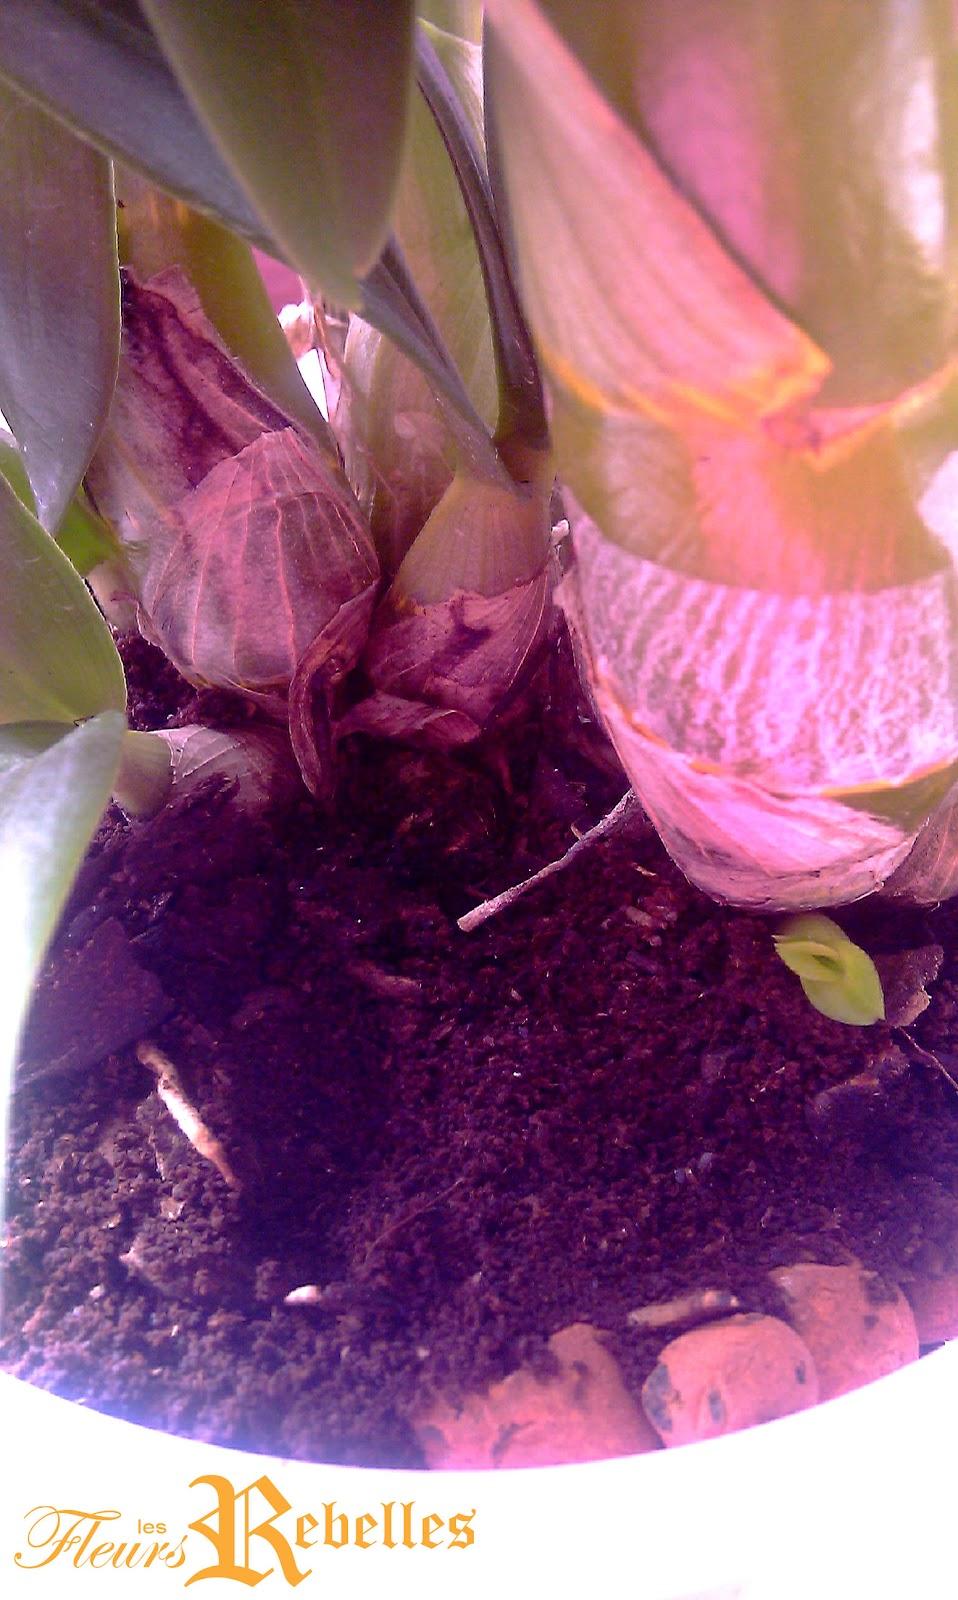 Les fleurs rebelles blog lifestyle diy tuer les insectes de mes orchid es avec du marc de - Marc de cafe orchidee ...